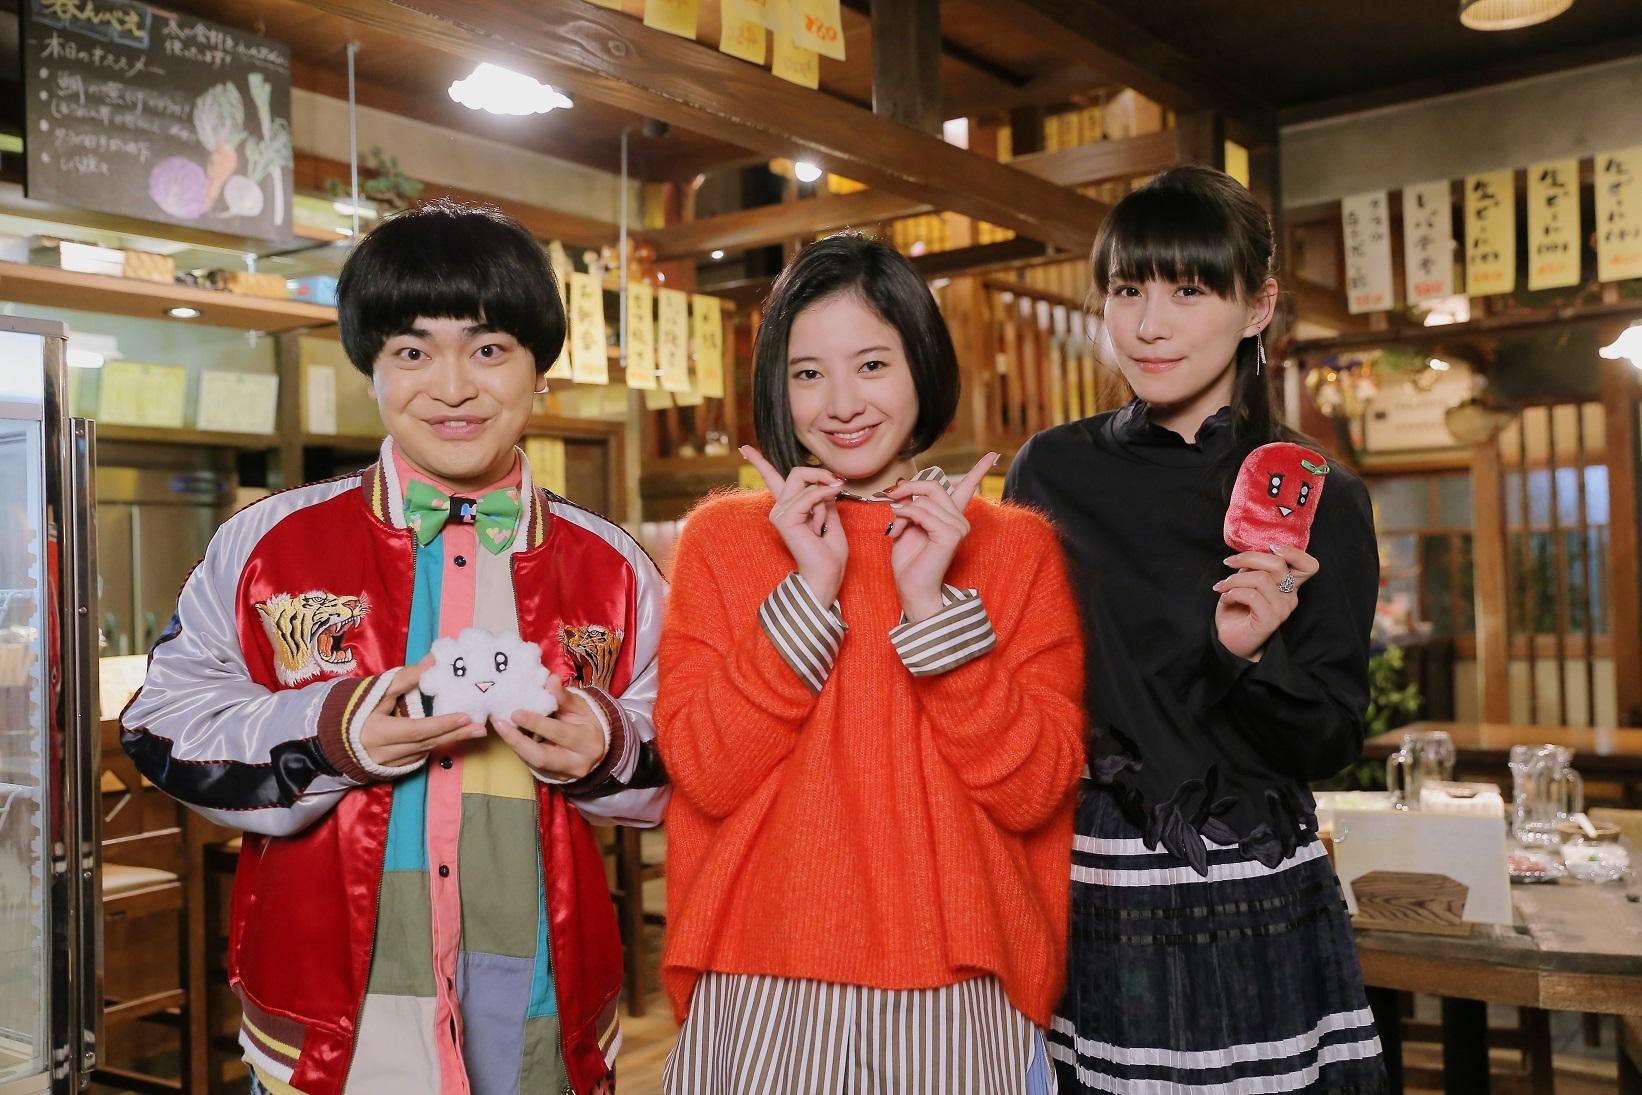 左より、加藤諒、吉高由里子、あ~ちゃん(Perfume)  (C)NTV